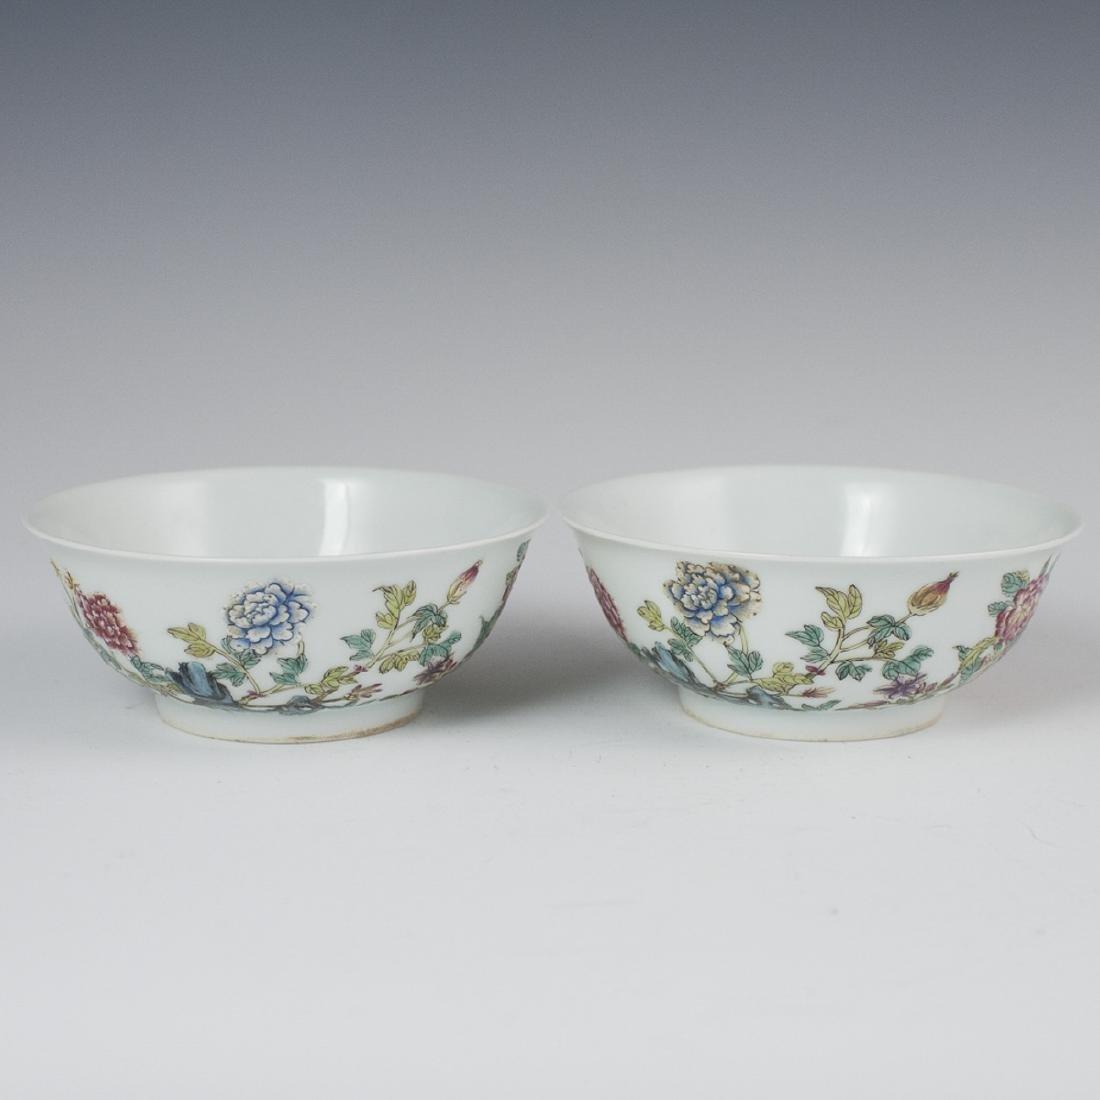 Chinese Enameled Porcelain Rice Bowls